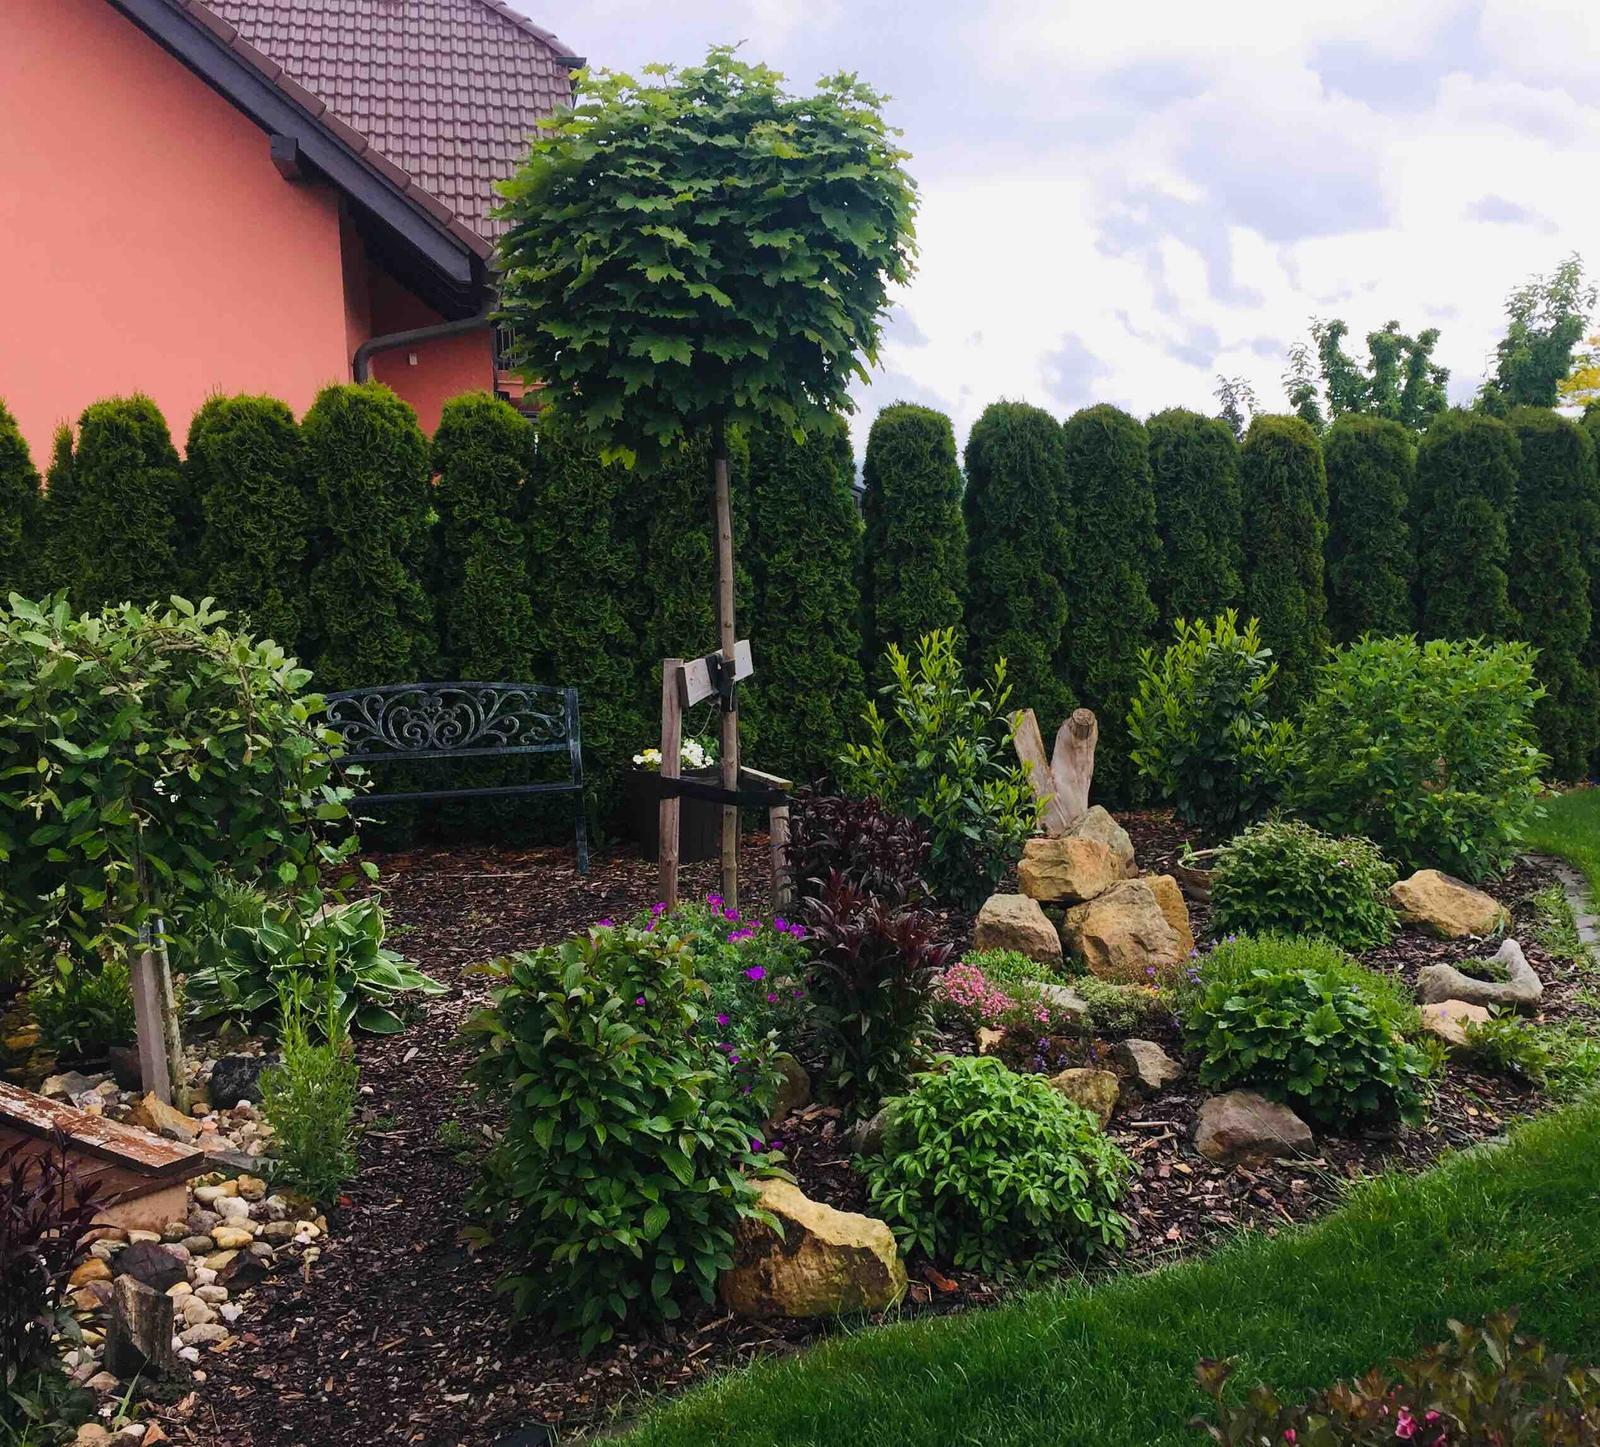 Naše barevná zahrada 🌸 - Už ani nepamatujeme kdy napršelo tolika vody 🤗